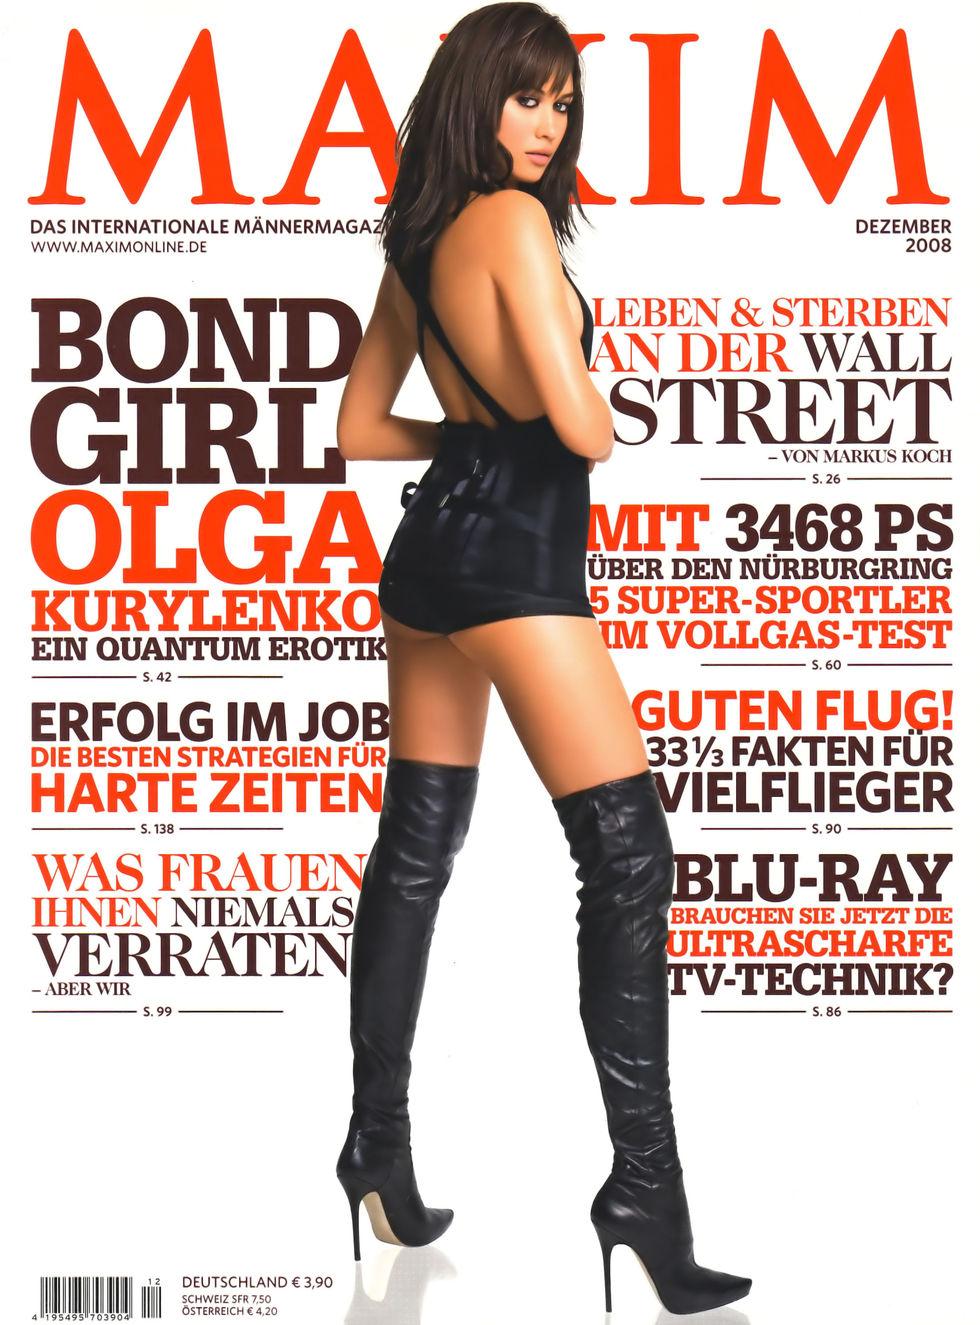 olga-kurylenko-maxim-magazine-germany-december-2008-mq-01